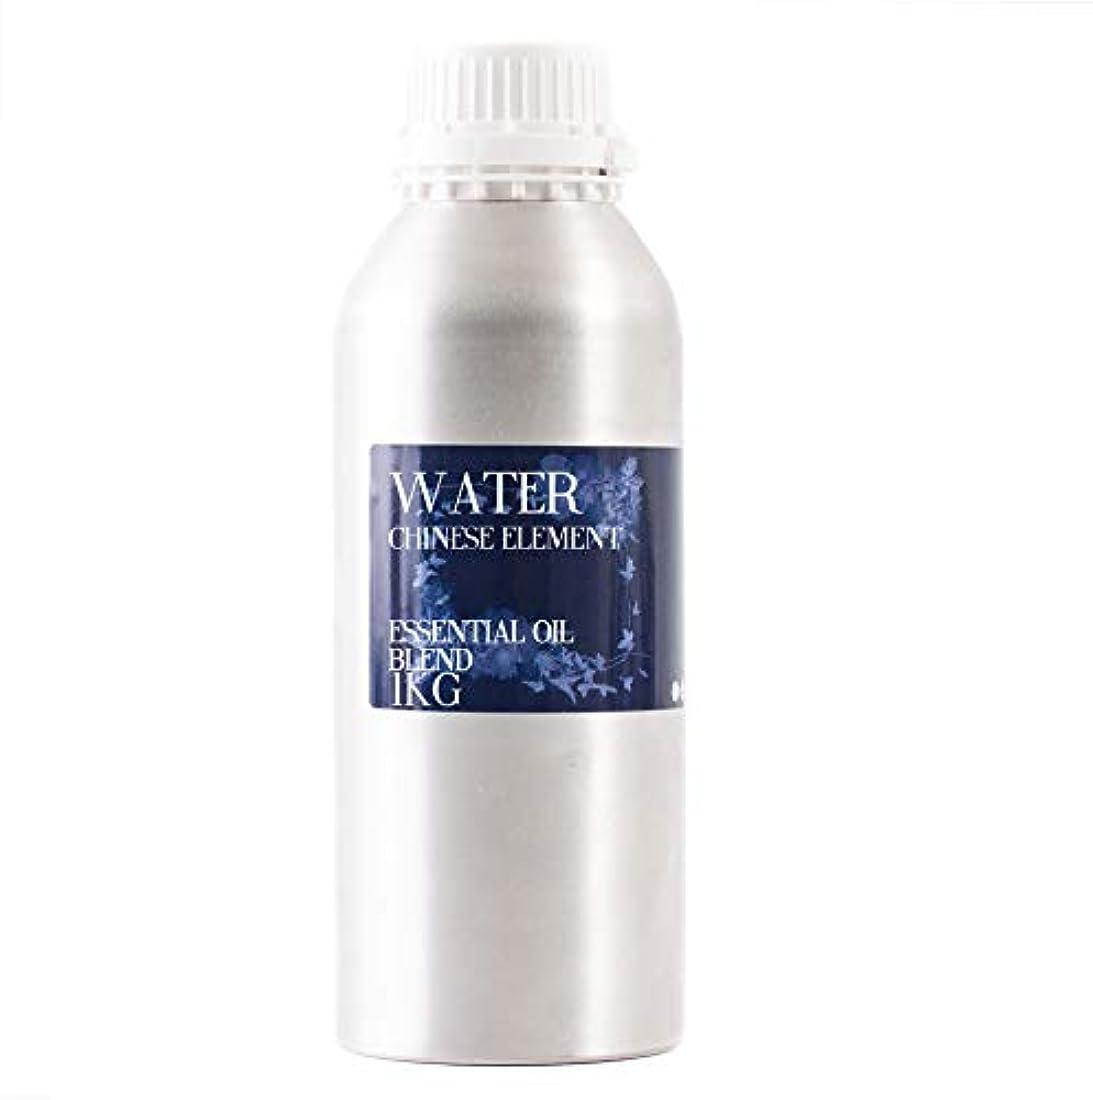 知覚できる従順なパーツMystix London | Chinese Water Element Essential Oil Blend - 1Kg